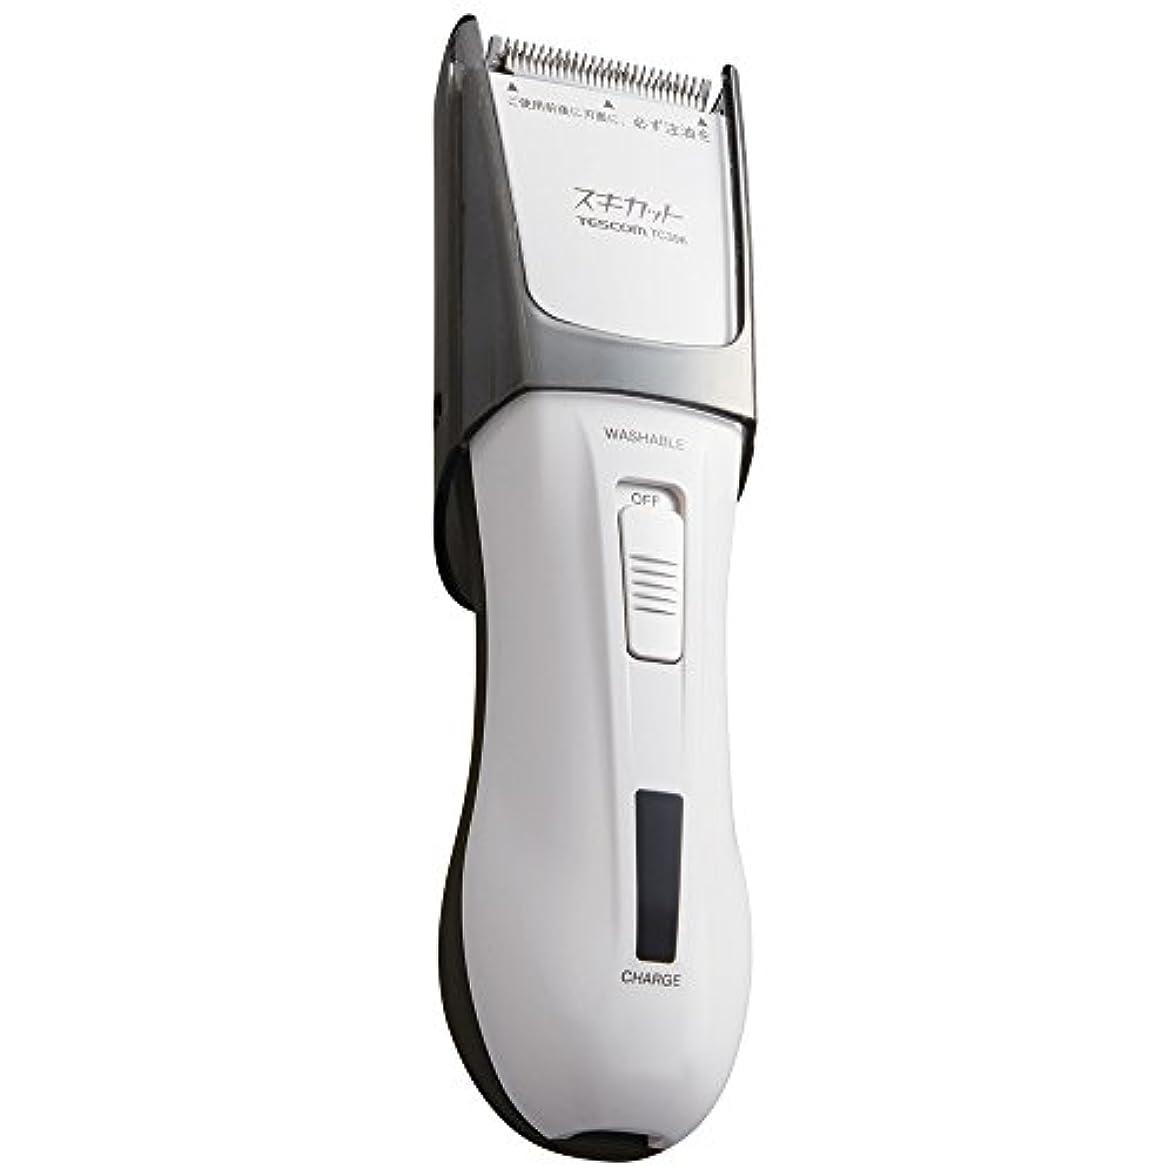 まだらピストン石膏TESCOM スキカット 電気バリカン ホワイト TC396-W